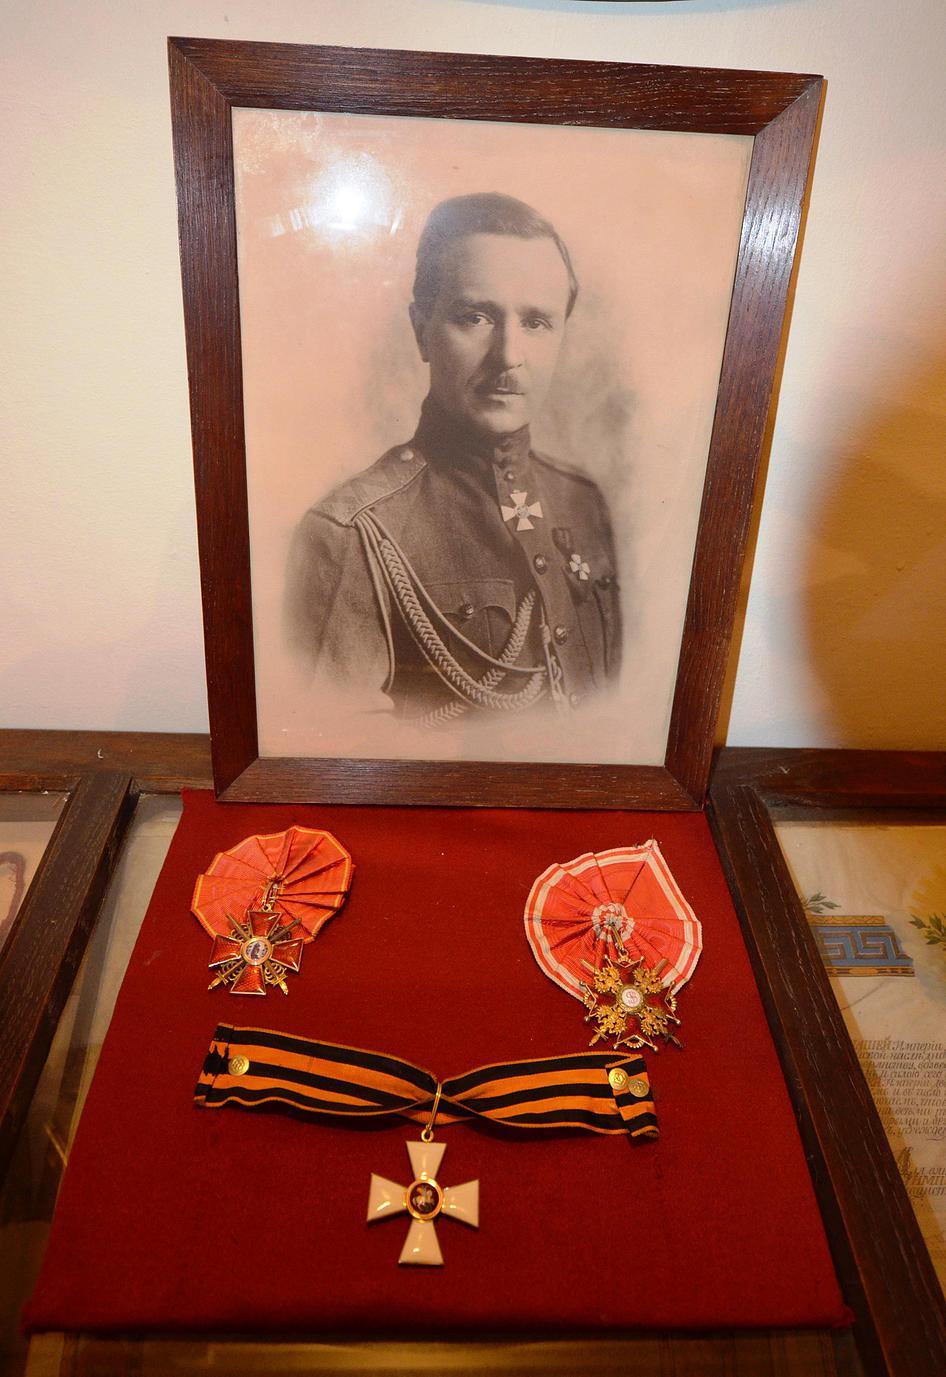 Из коллекции музея:  награды П.Н. Шатилова (ордена Св. Анны 2-й степени с мечами, Св. Станислава 2-й степени с мечами, Св. Георгия Победоносца 4-й степени)